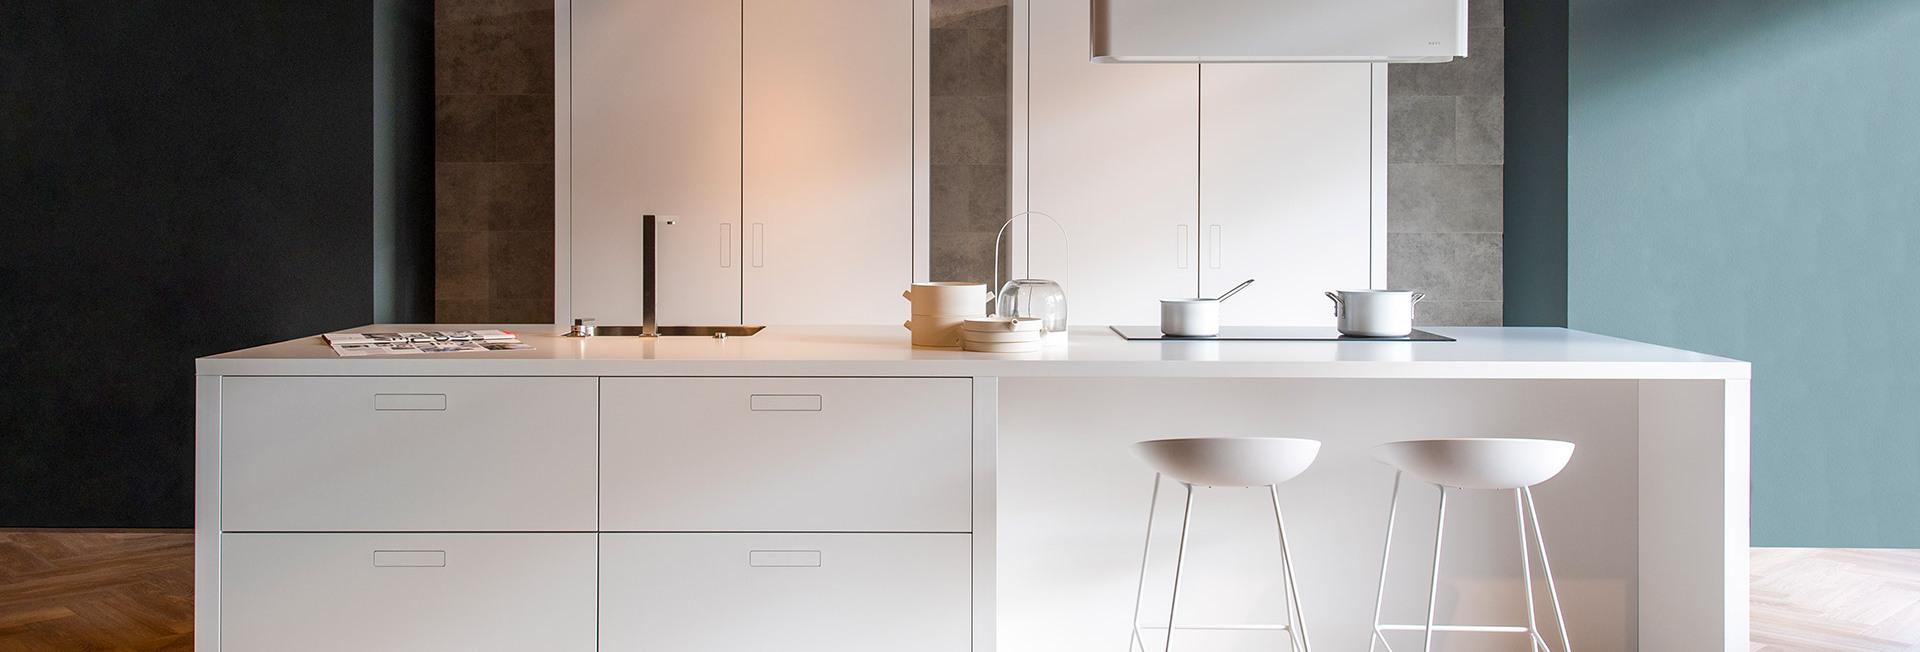 Keukeninspiratie - CVT keukens